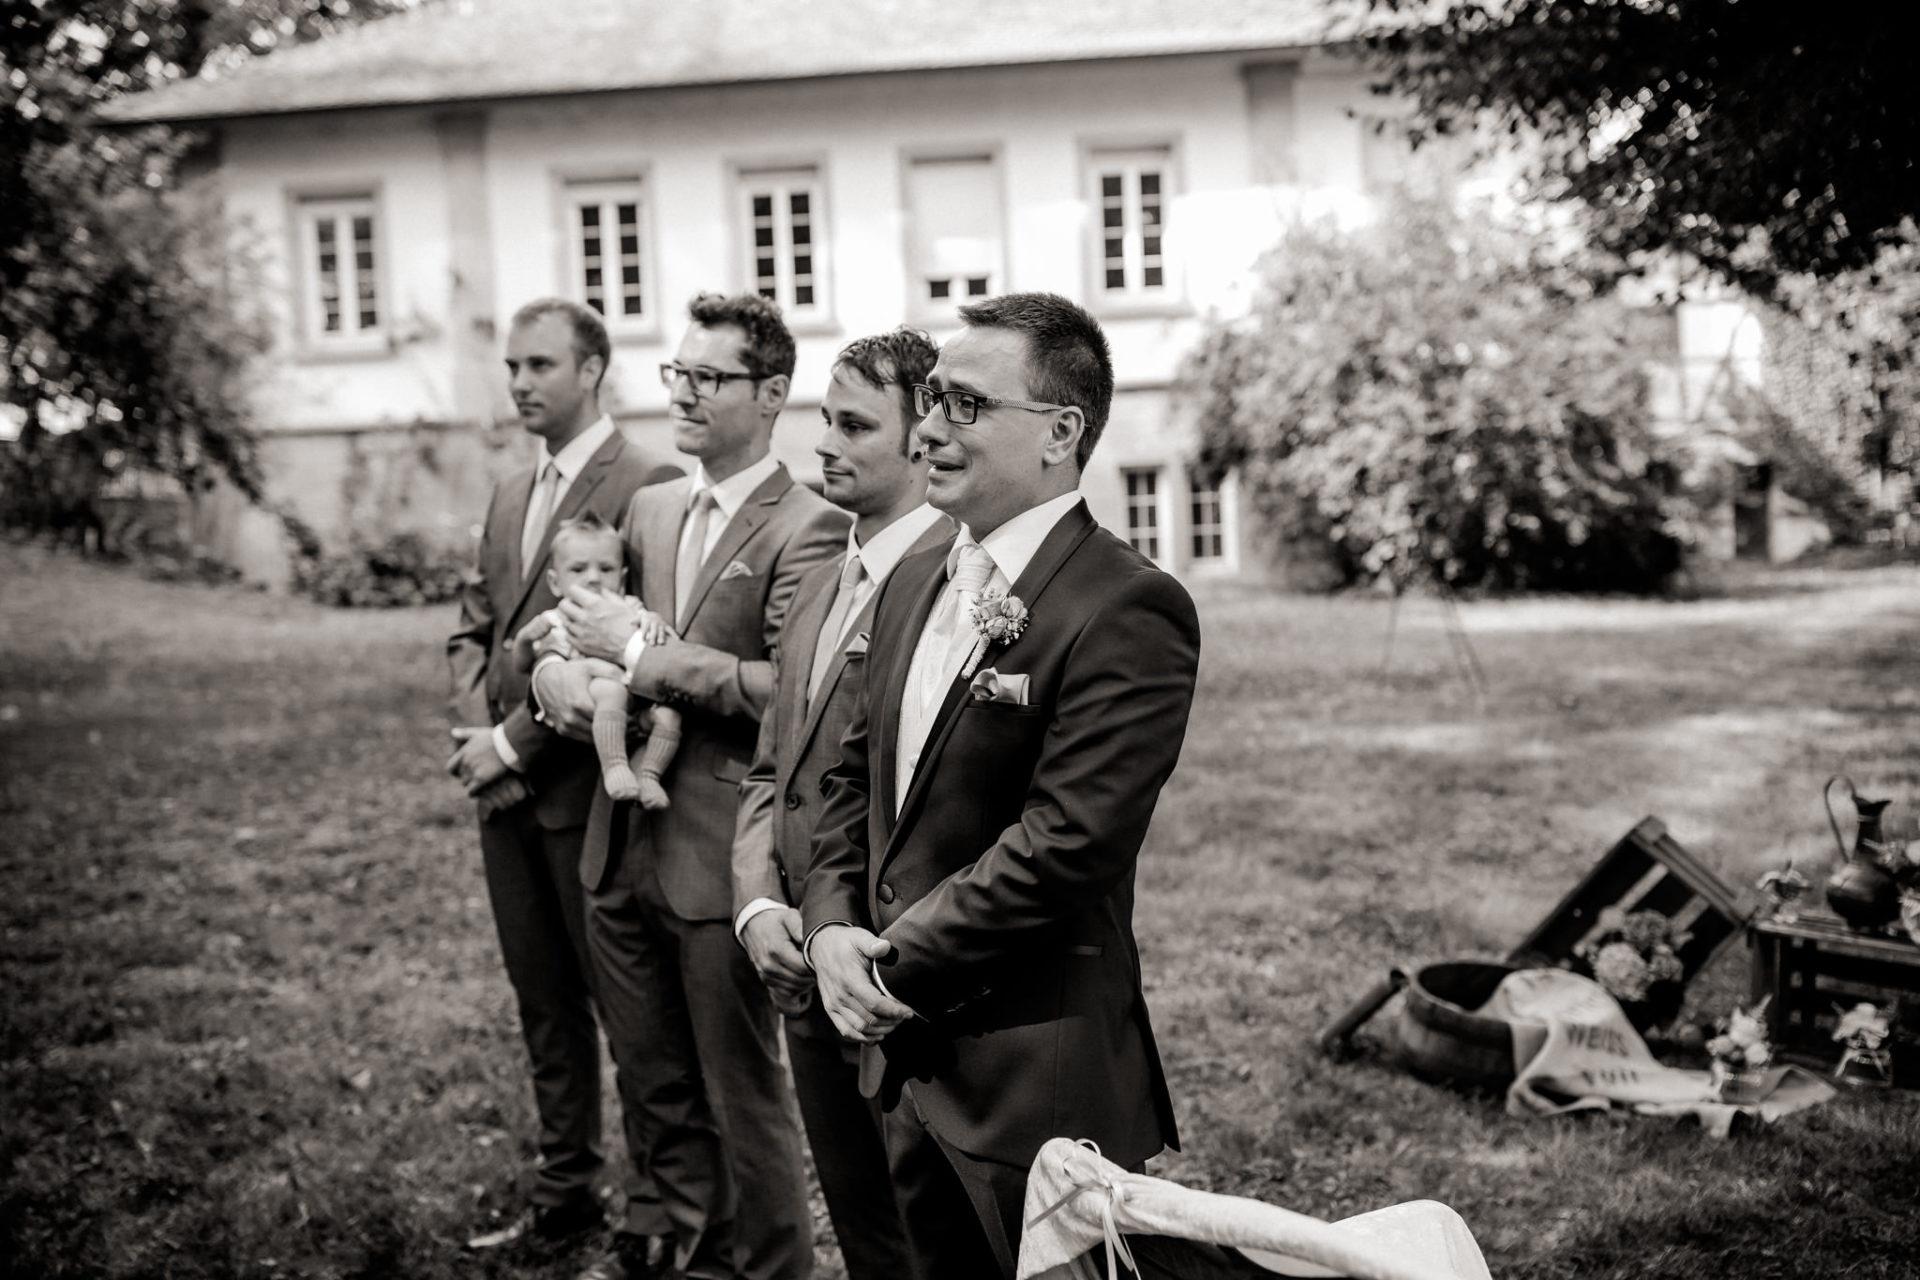 hochzeitsfotograf schloss heinsheim-elegant heiraten-Schafstall Heinsheim-Natürliche Portraits-Umgestellte Hochzeitsbilder-Freie Trauung-emotionen Bräutigam-